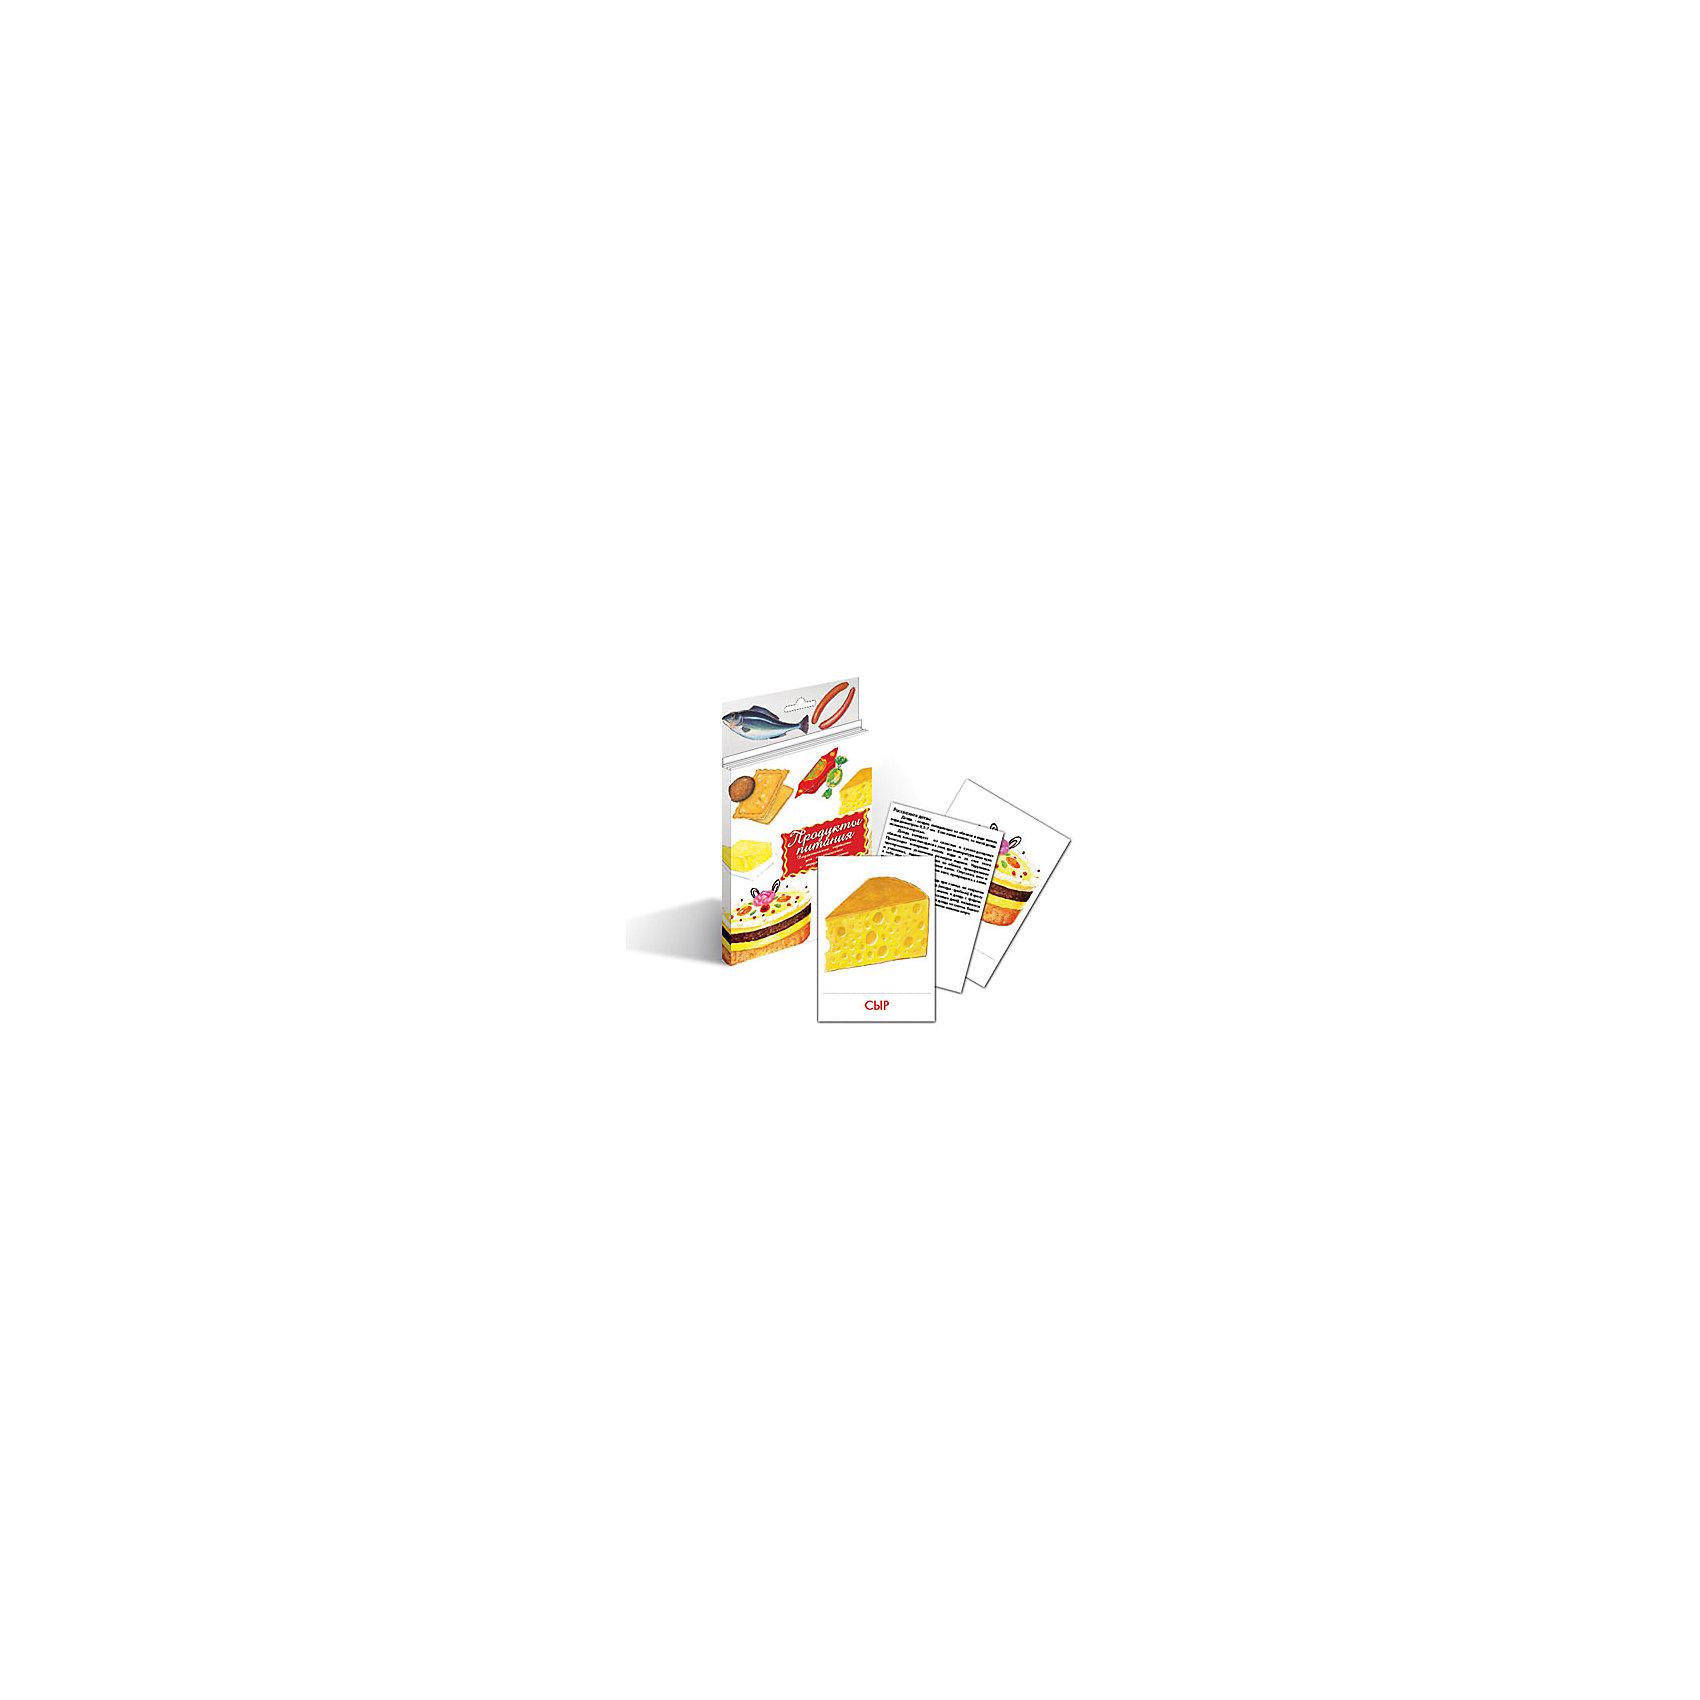 Дидактические карточки Продукты питания, Маленький генийДидактические карточки Продукты питания, Маленький гений.<br><br>Характеристики:<br><br>• Художник: Подколзин Евгений<br>• Количество карточек: 16<br>• Размер карточек: 25х15 см.<br>• Материал: картон<br>• Упаковка: картонный блистер с европодвесом<br>• Размер упаковки: 25,2х15,1х1 см.<br><br>Дидактические карточки с крупными яркими картинками познакомят малыша с некоторыми видами продуктов питания: тортом, маслом, мясом, рыбой, рисом, хлебом, колбасой, творогом, йогуртом, конфетами, печеньем, яйцами, сыром, молоком, макаронами, сосисками. Всего в набор входит 16 карточек. На одной стороне каждой карточки изображены продукты, а на обратной стороне дано описание: как готовится, история, интересные факты. <br><br>Совсем маленькому ребенку можно просто показывать карточки и называть продукты. Когда он запомнит их, можно просить его найти карточку, например с колбасой, хлебом. Можно сортировать карточки, например, на молочные, хлебобулочные, мясные и пр. Если ребенок учится читать, можно отрезать названия и, перемешав, предложить ребенку подобрать картинки к названиям. <br><br>С карточками можно организовать и множество игр на развитие внимания, логического мышления и памяти. Игра «Четвертый лишний»: из четырех карточек, одна из которых отличается от трех других, ребенок должен выбрать лишнюю и объяснить свой выбор. Можно по очереди с ребенком отвечать на вопрос «Какой?» относительно каждой карточки, стараясь дать больше ответов. <br><br>Разглядывая карточки, играя с ними, ваш малыш не только обогатит свой багаж знаний об окружающем мире, но и научится составлять предложения, беседовать по картинкам, классифицировать и систематизировать предметы. Карточки рекомендуются родителям, логопедами, психологами, воспитателями детских садов, учителями начальных классов для познавательных игр с детьми и занятий по методике Глена Домана.<br><br>Дидактические карточки Продукты питания, Маленький гений можно купить в нашем инте